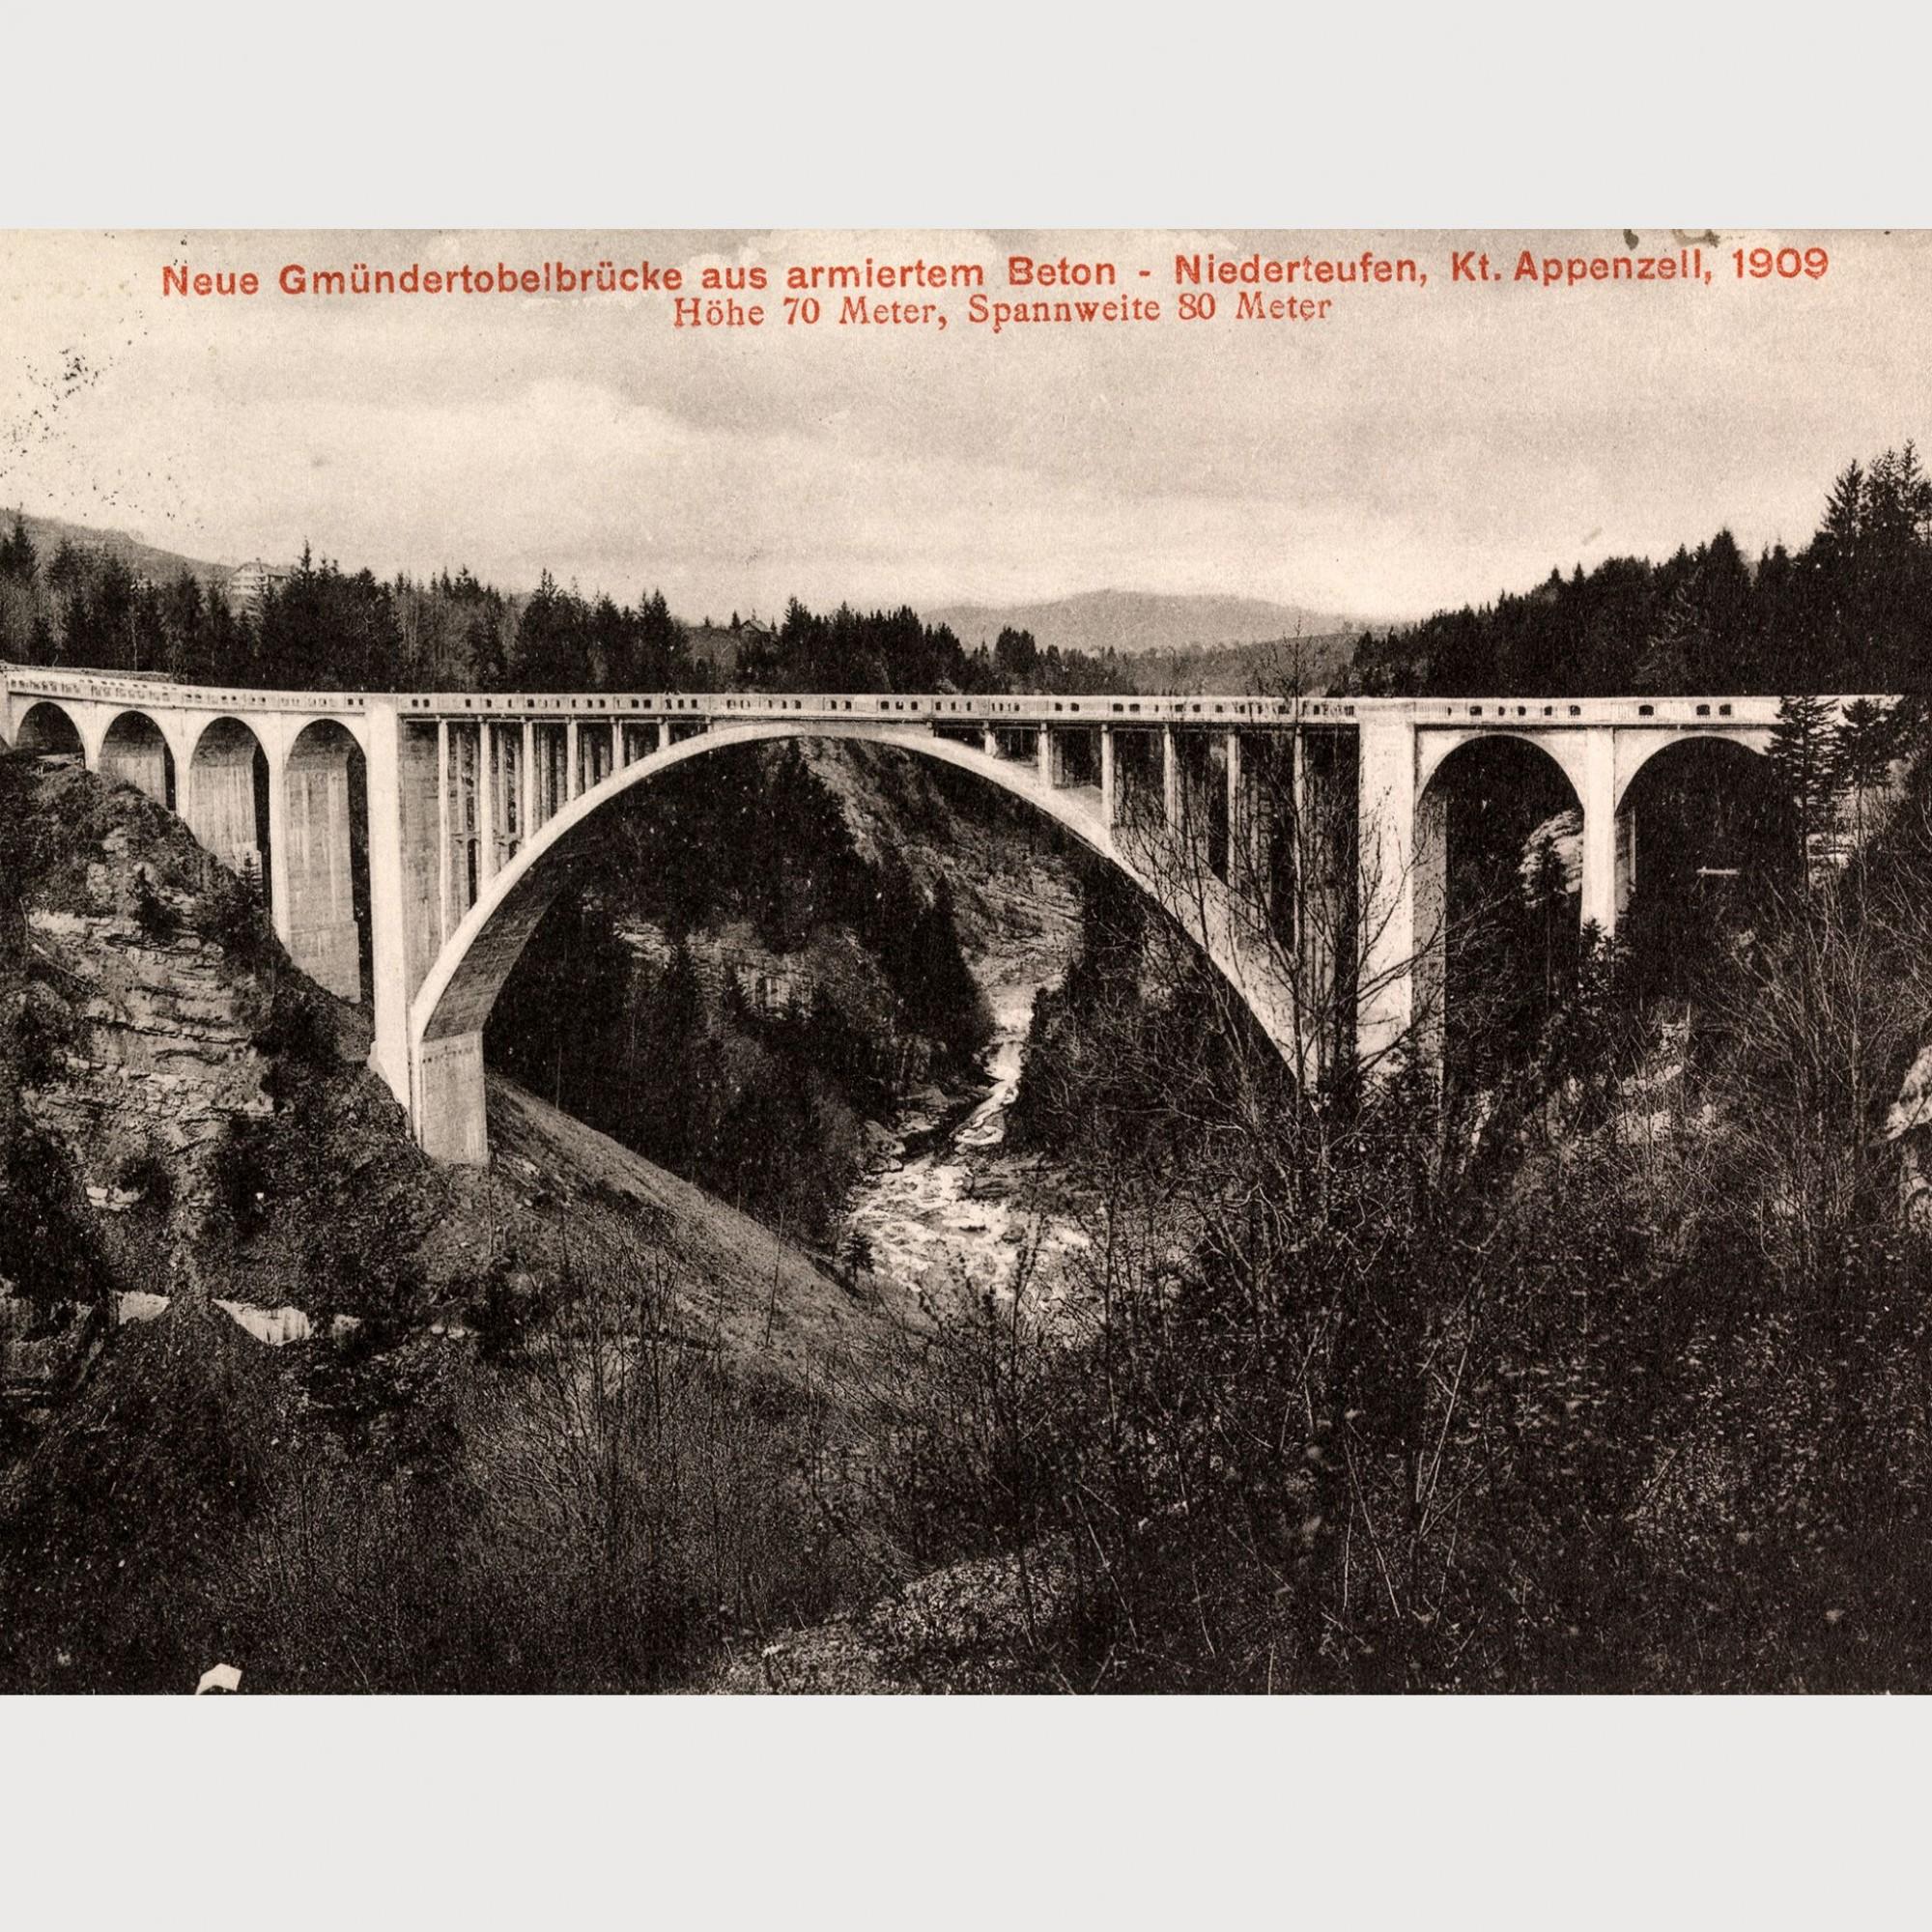 Gmündertobelbrücke.